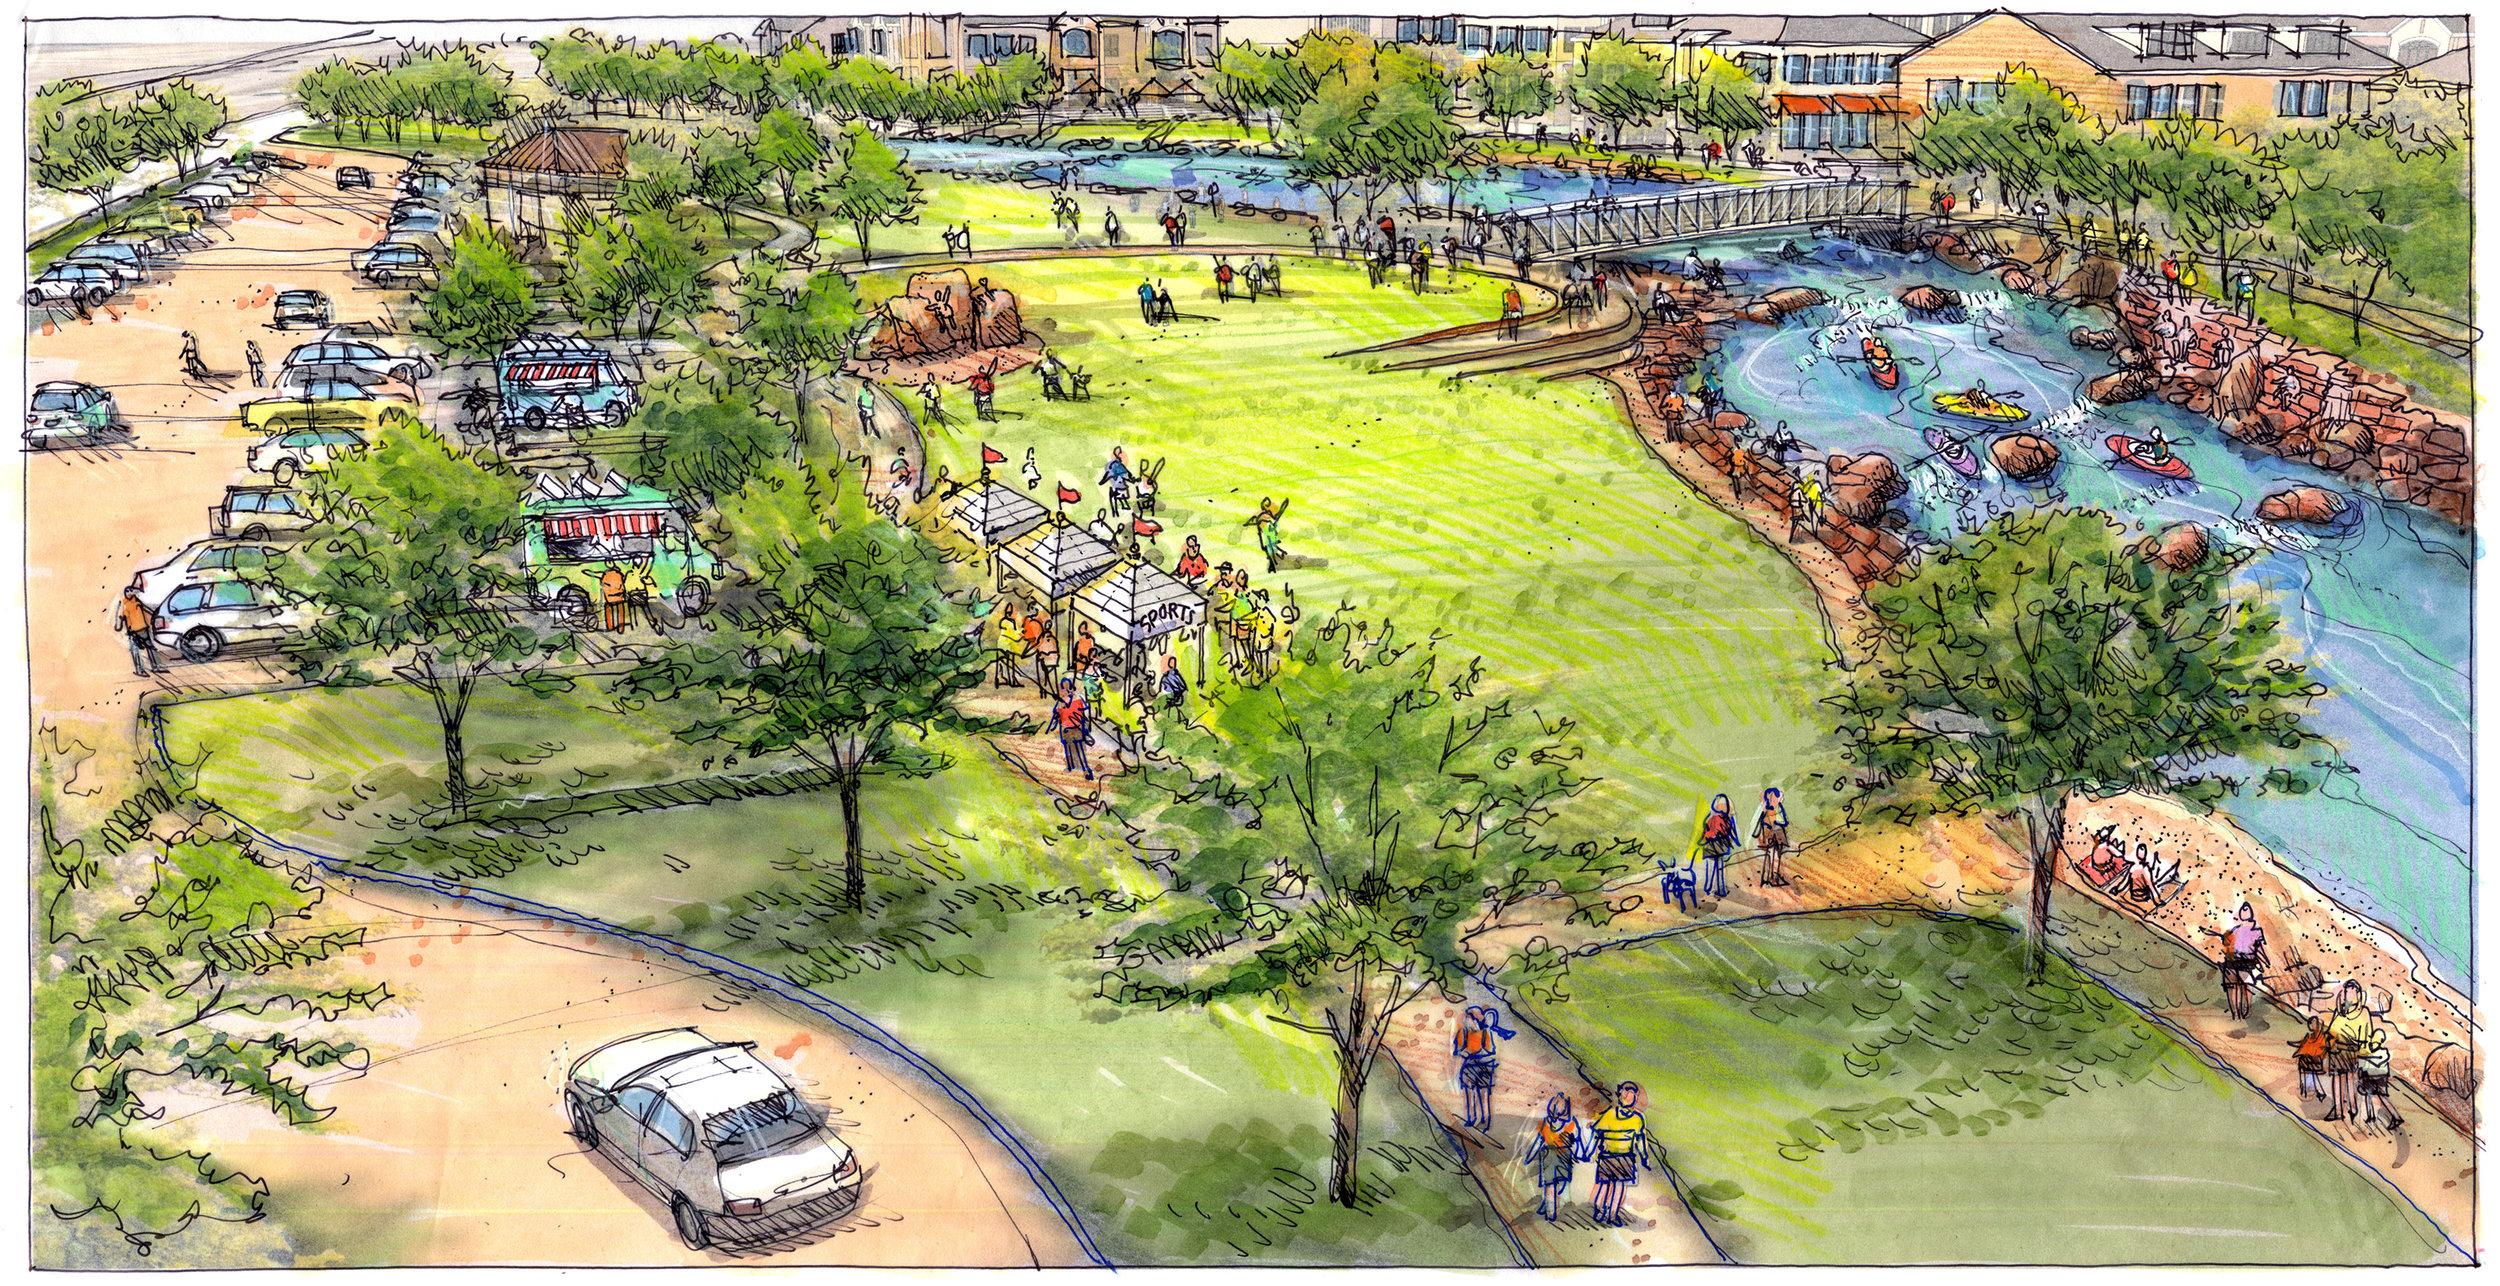 <f>Services</f><f>Planning</f><f>Services</f><f>UrbanDesign</f><f>Markets</f><f>UrbanDesign+Planning</f><t>Eagle River Corridor Master Plan</t><m>Eagle, CO</m>